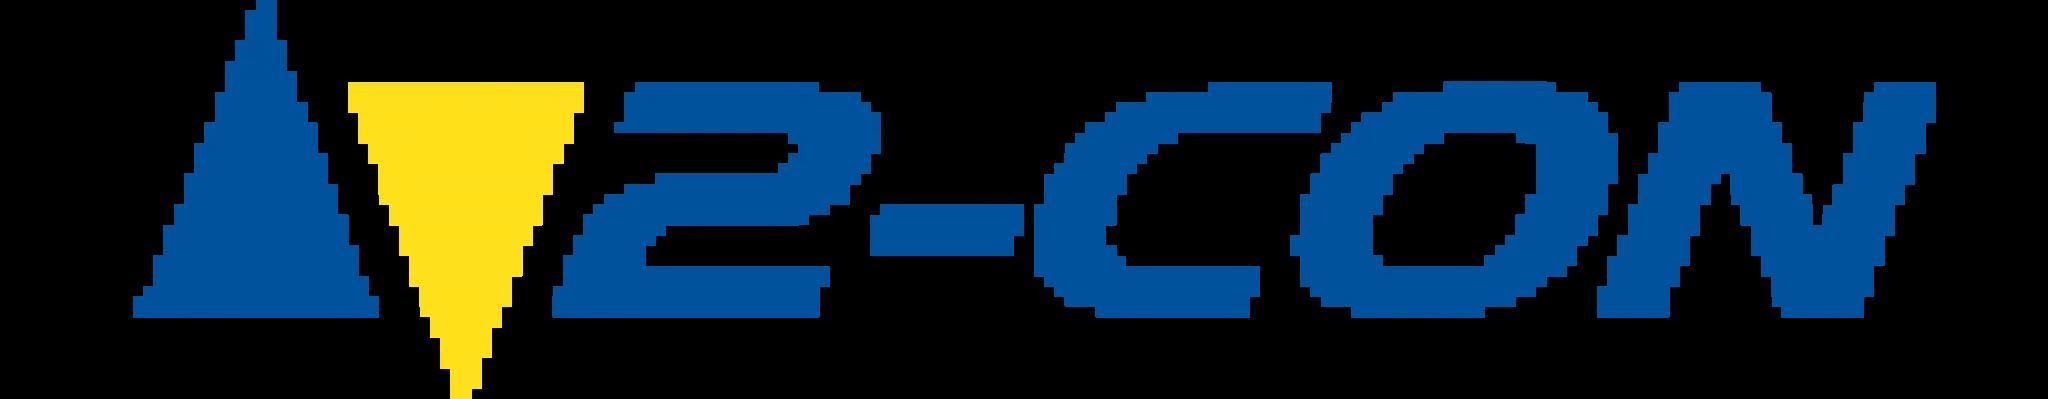 Platschef - Senior tekniker/säljare med ledaregenskaper